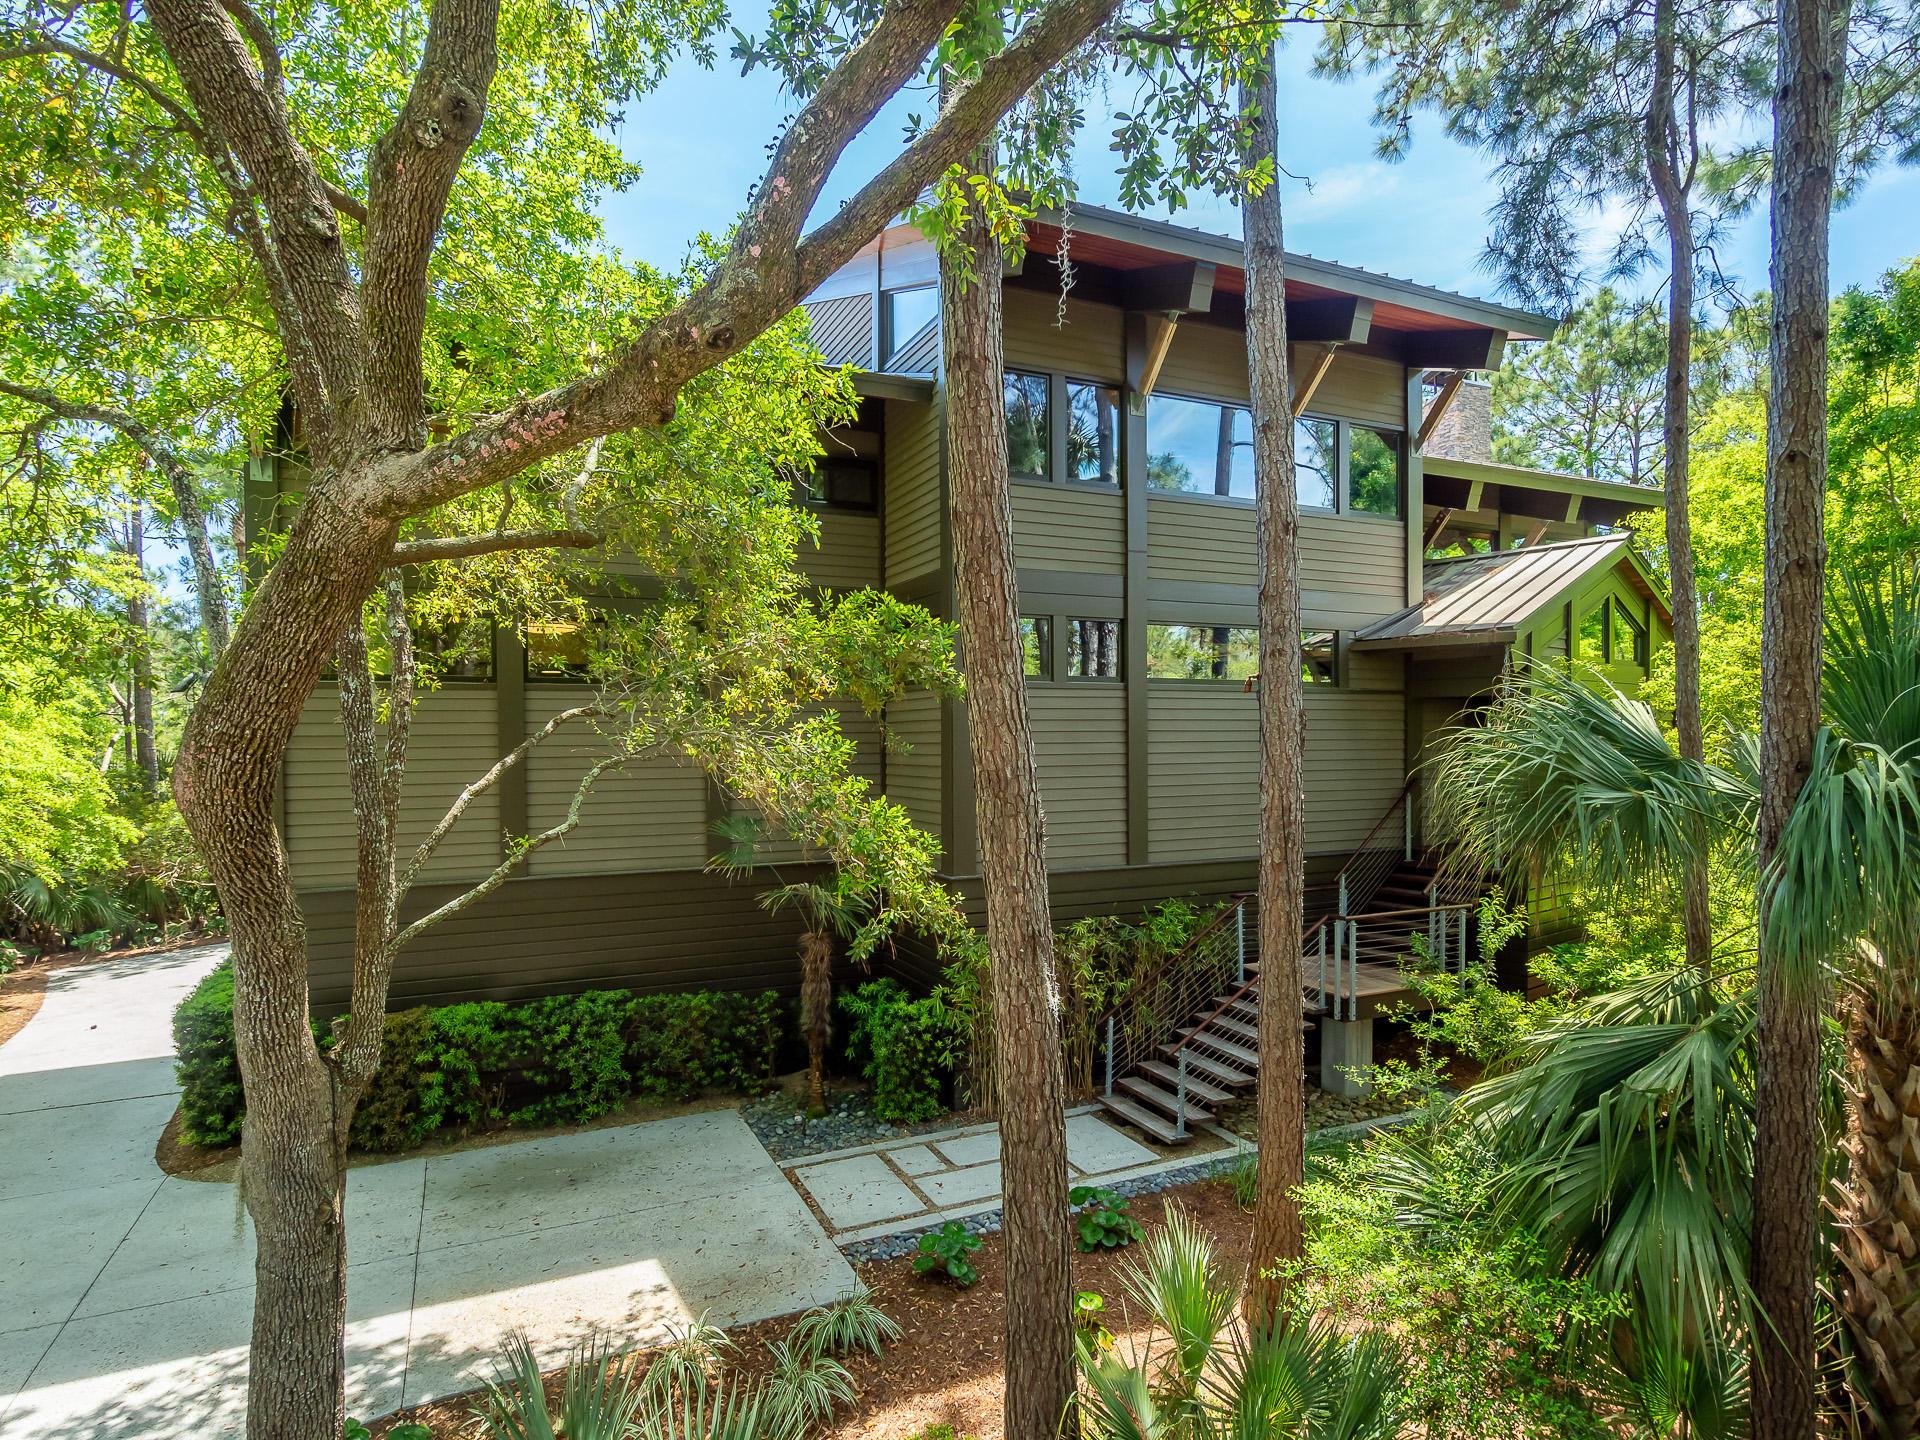 Kiawah Island Homes For Sale - 102 Blue Heron Pond, Kiawah Island, SC - 67